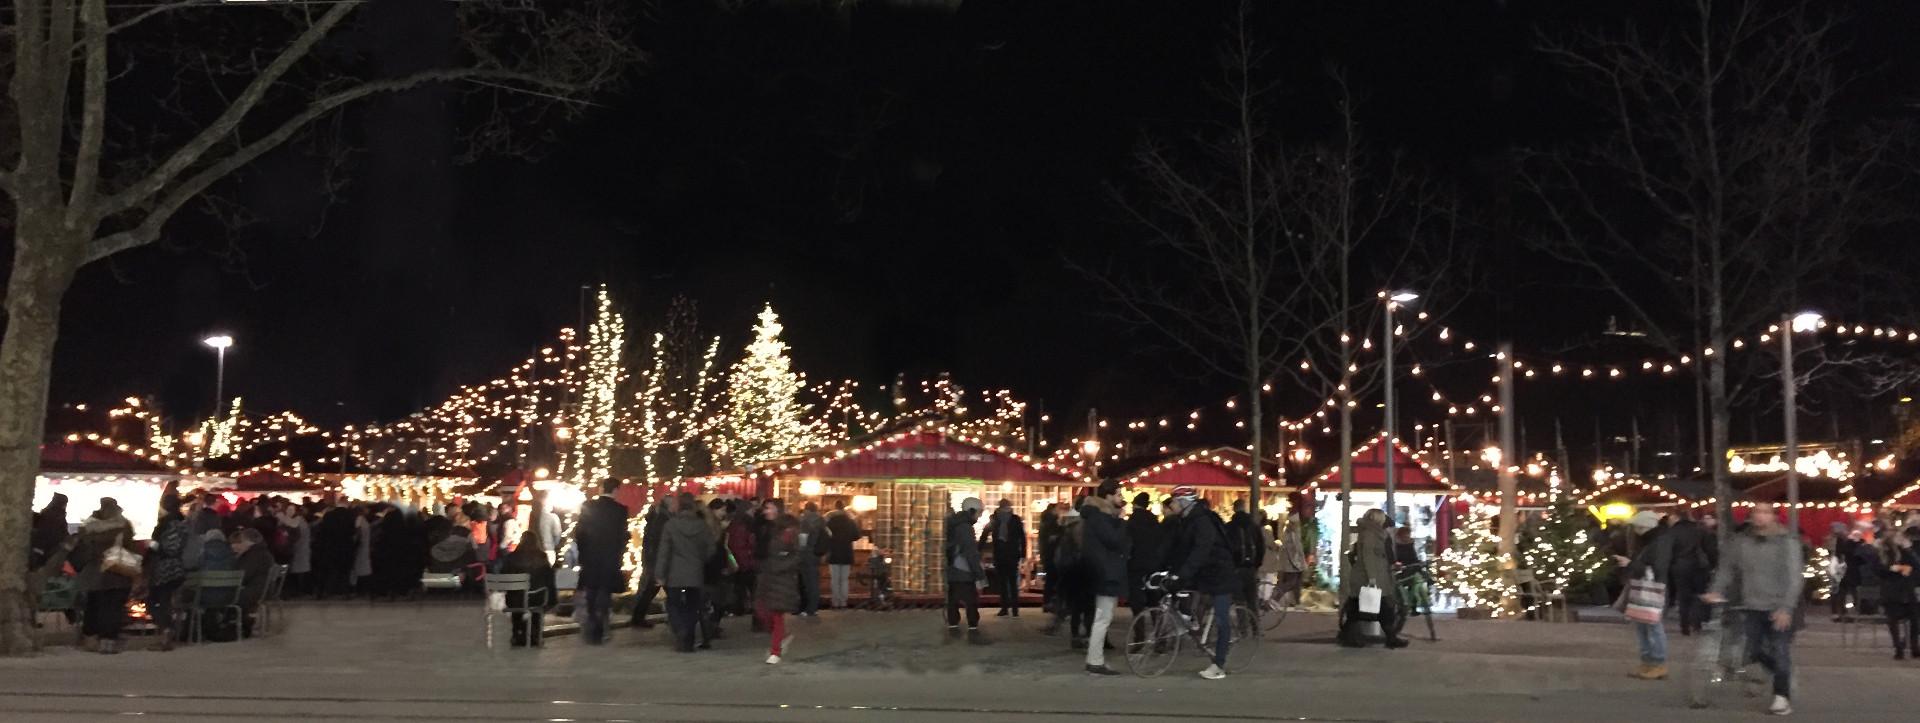 Jarmark Świąteczny w Zurychu iglawpodrozy